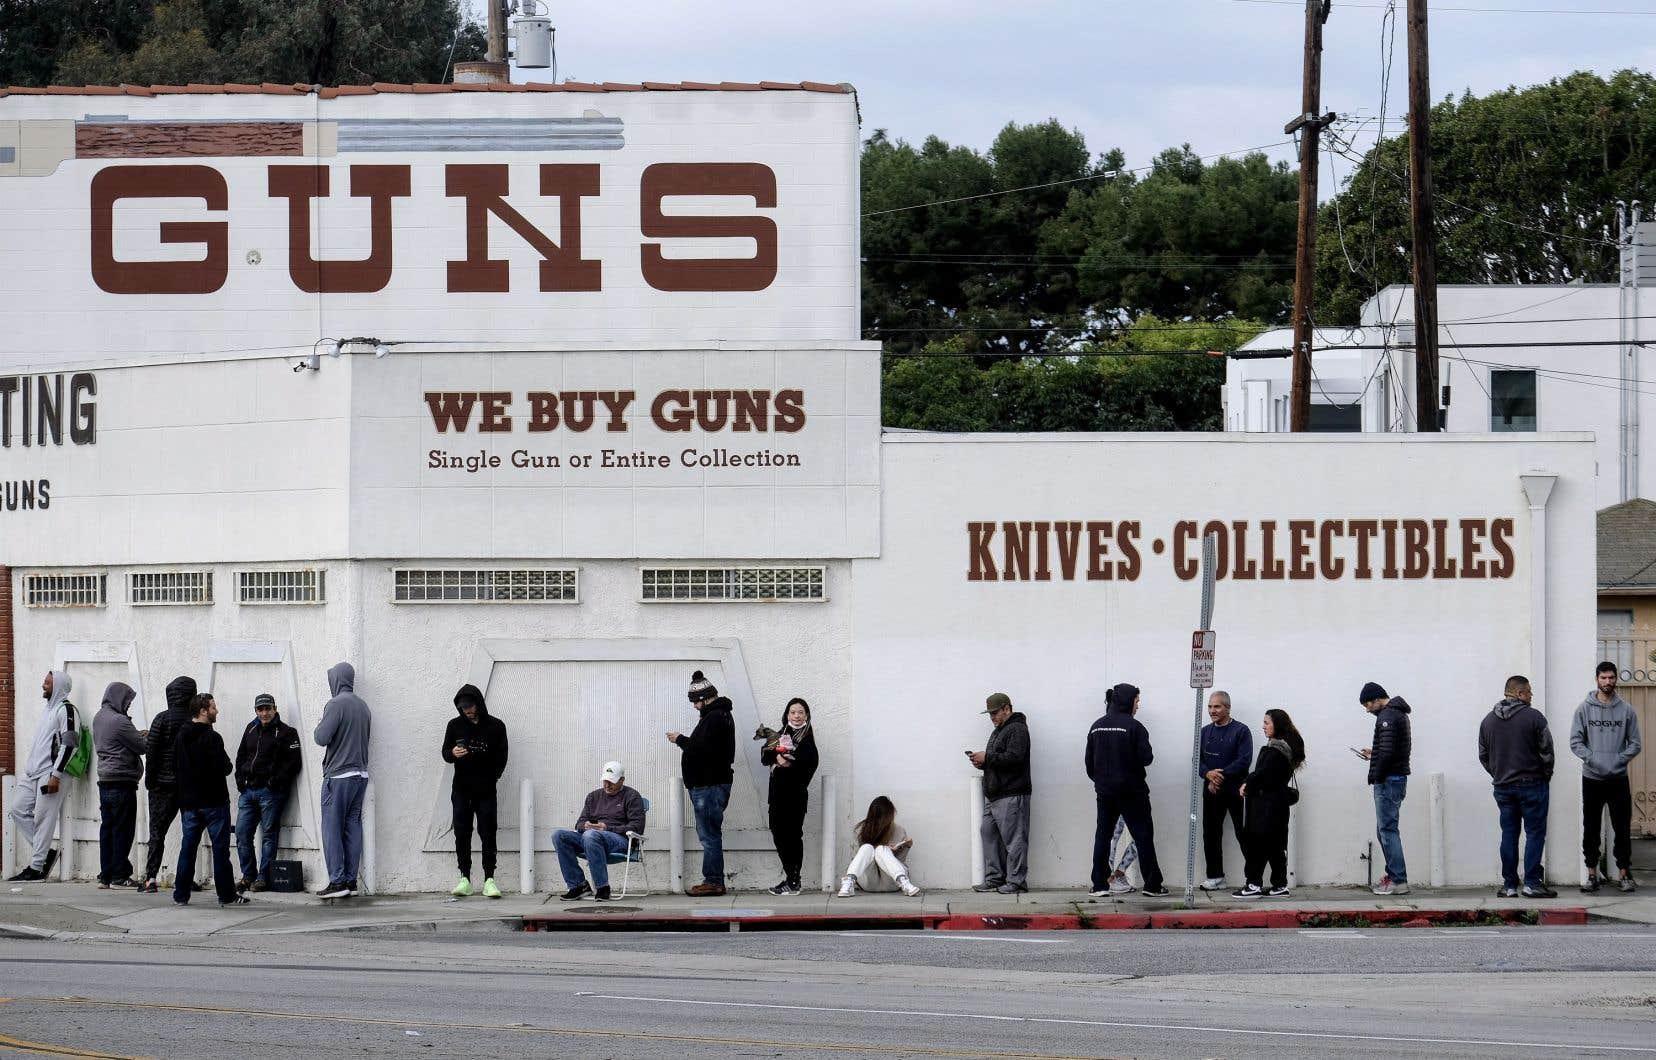 À Los Angeles, les groupes pro-armes ont réussi à faire reconnaître les armureries comme magasins essentiels, forçant les autorités à les maintenir ouvertes.